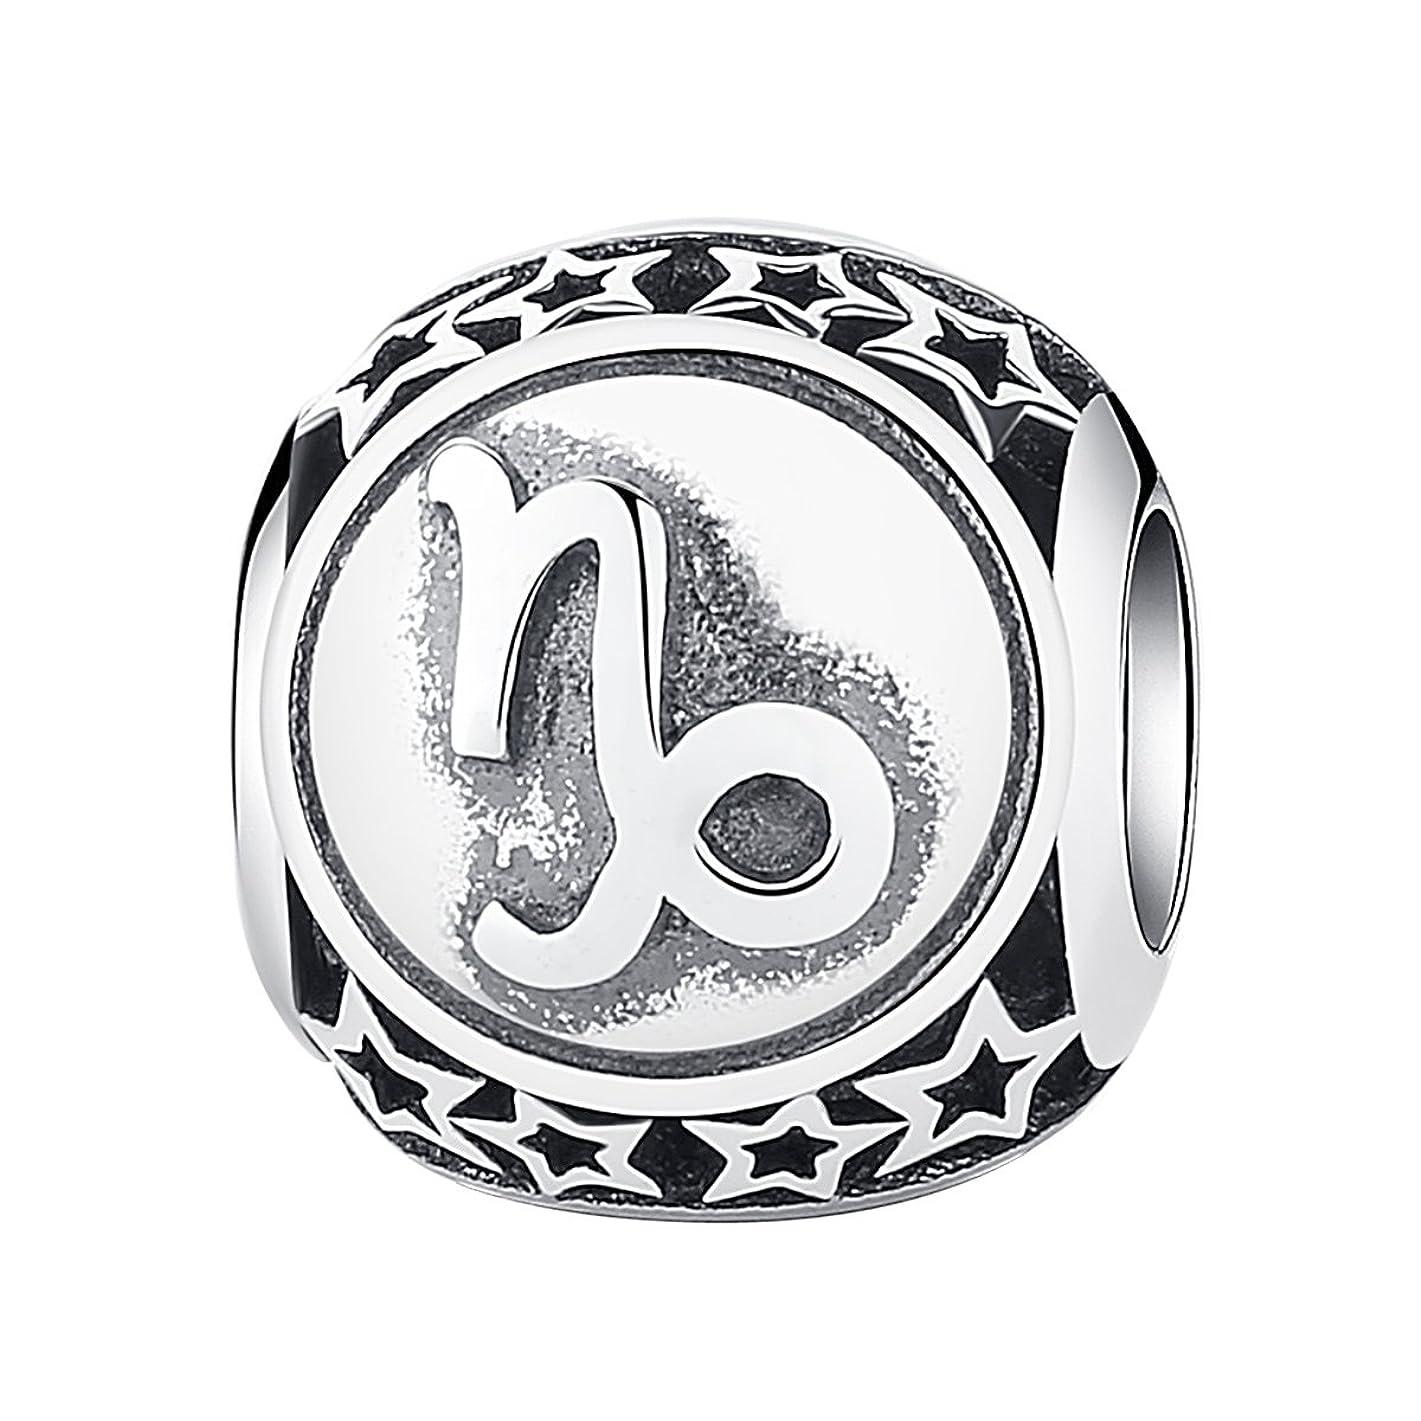 第二に友情疫病MFYS Jewelry ファッション メンズ レディース ネックレス  イニシャル (全26種)英字 アルファベット チャーム ステンレス (チェーン付ペンダントトップ)  ネックレス カラー:シルバー(銀)[ギフトボックスを提供]